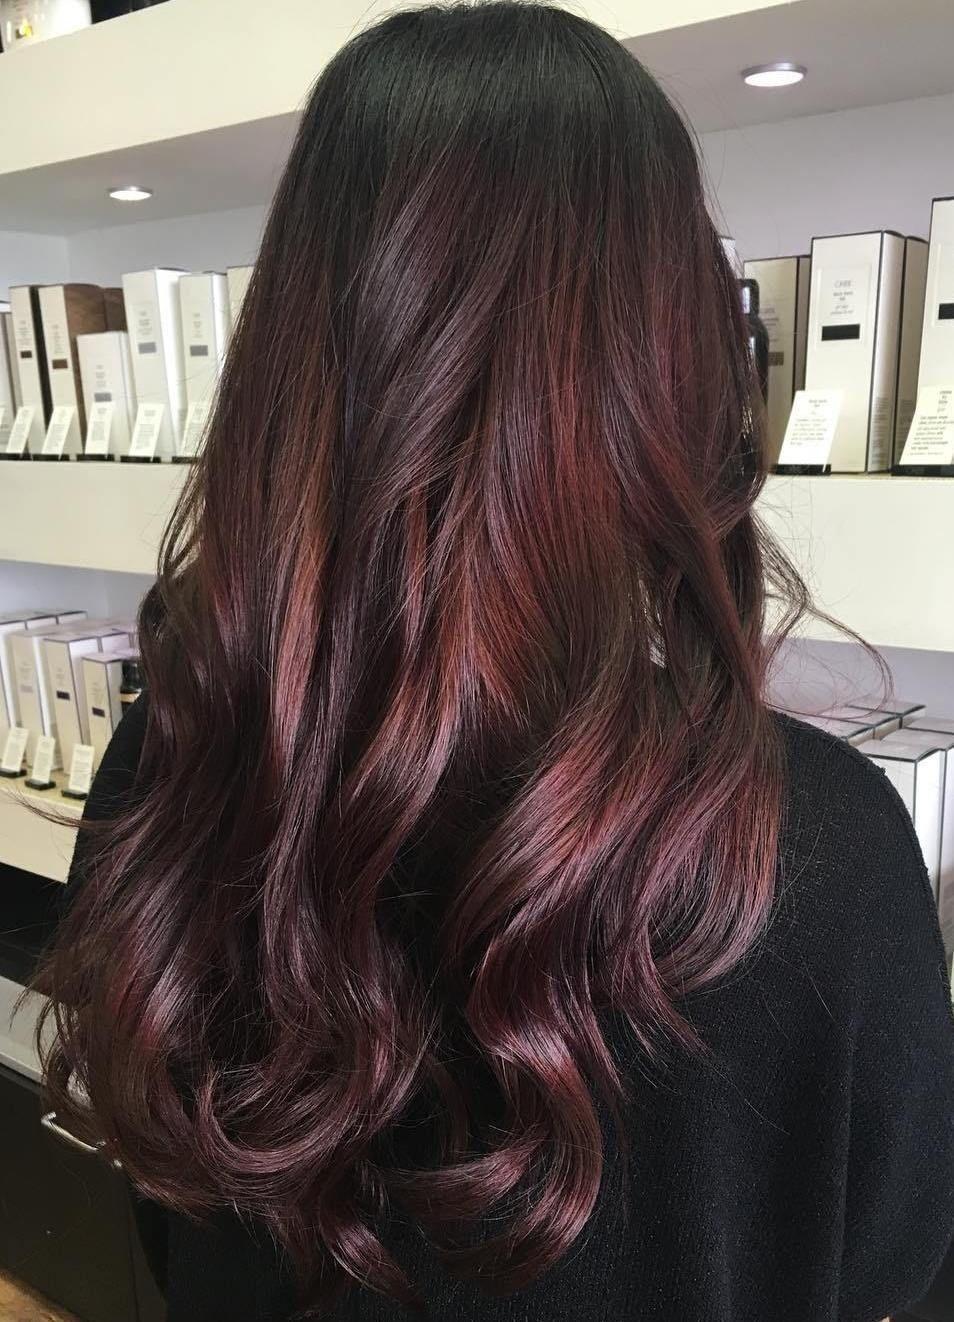 dunkelbraune haare mit blonden und burgund highlights bilder all things pretty maroon hair